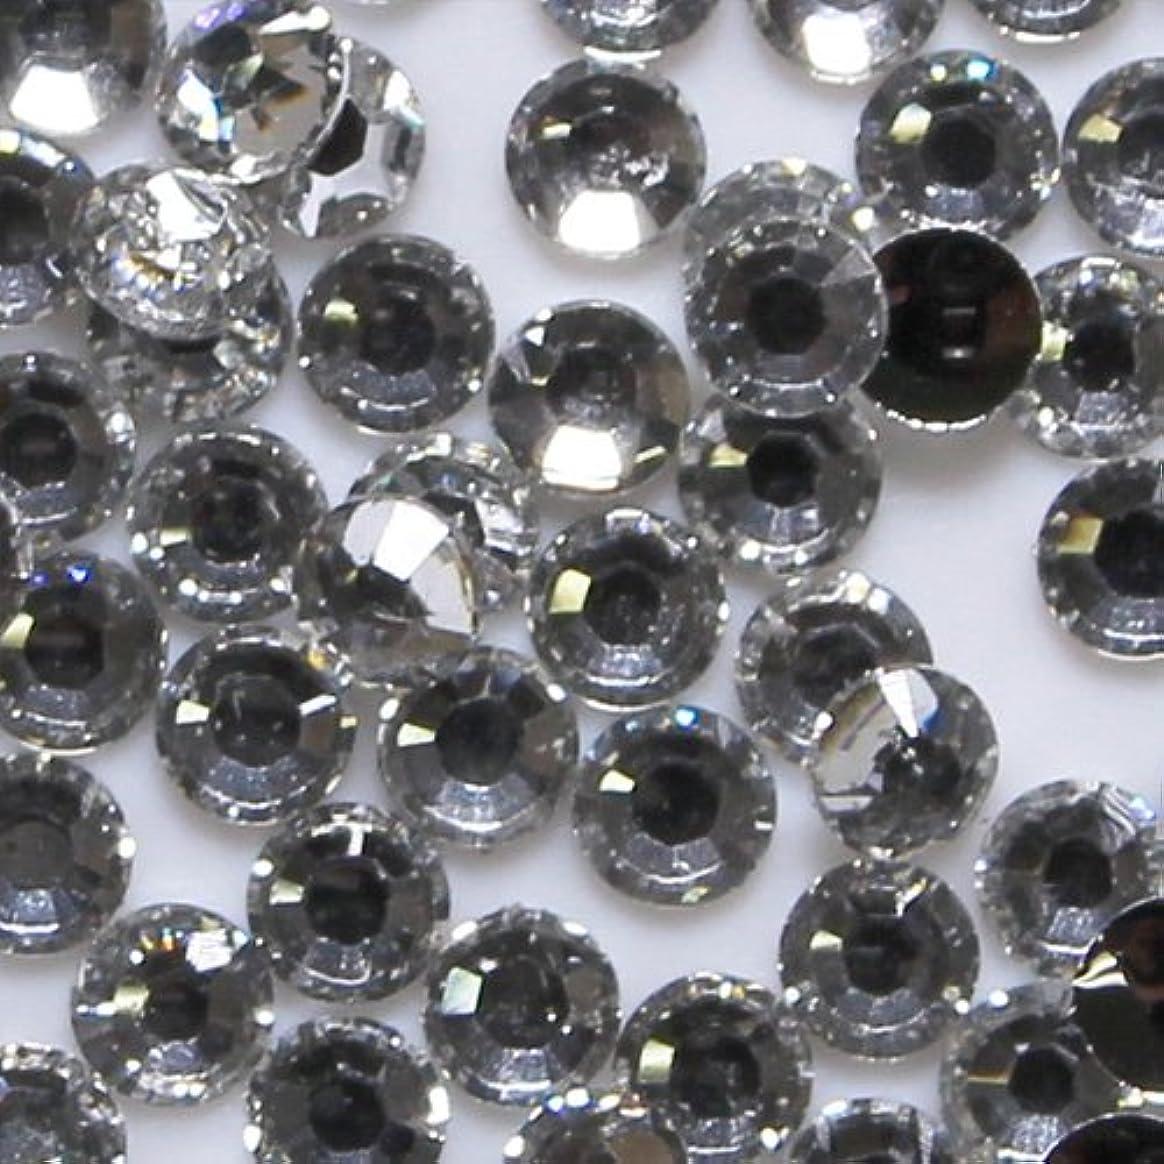 学期胆嚢靴高品質 アクリルストーン ラインストーン ラウンドフラット 約1000粒入り 4mm ダイヤモンド